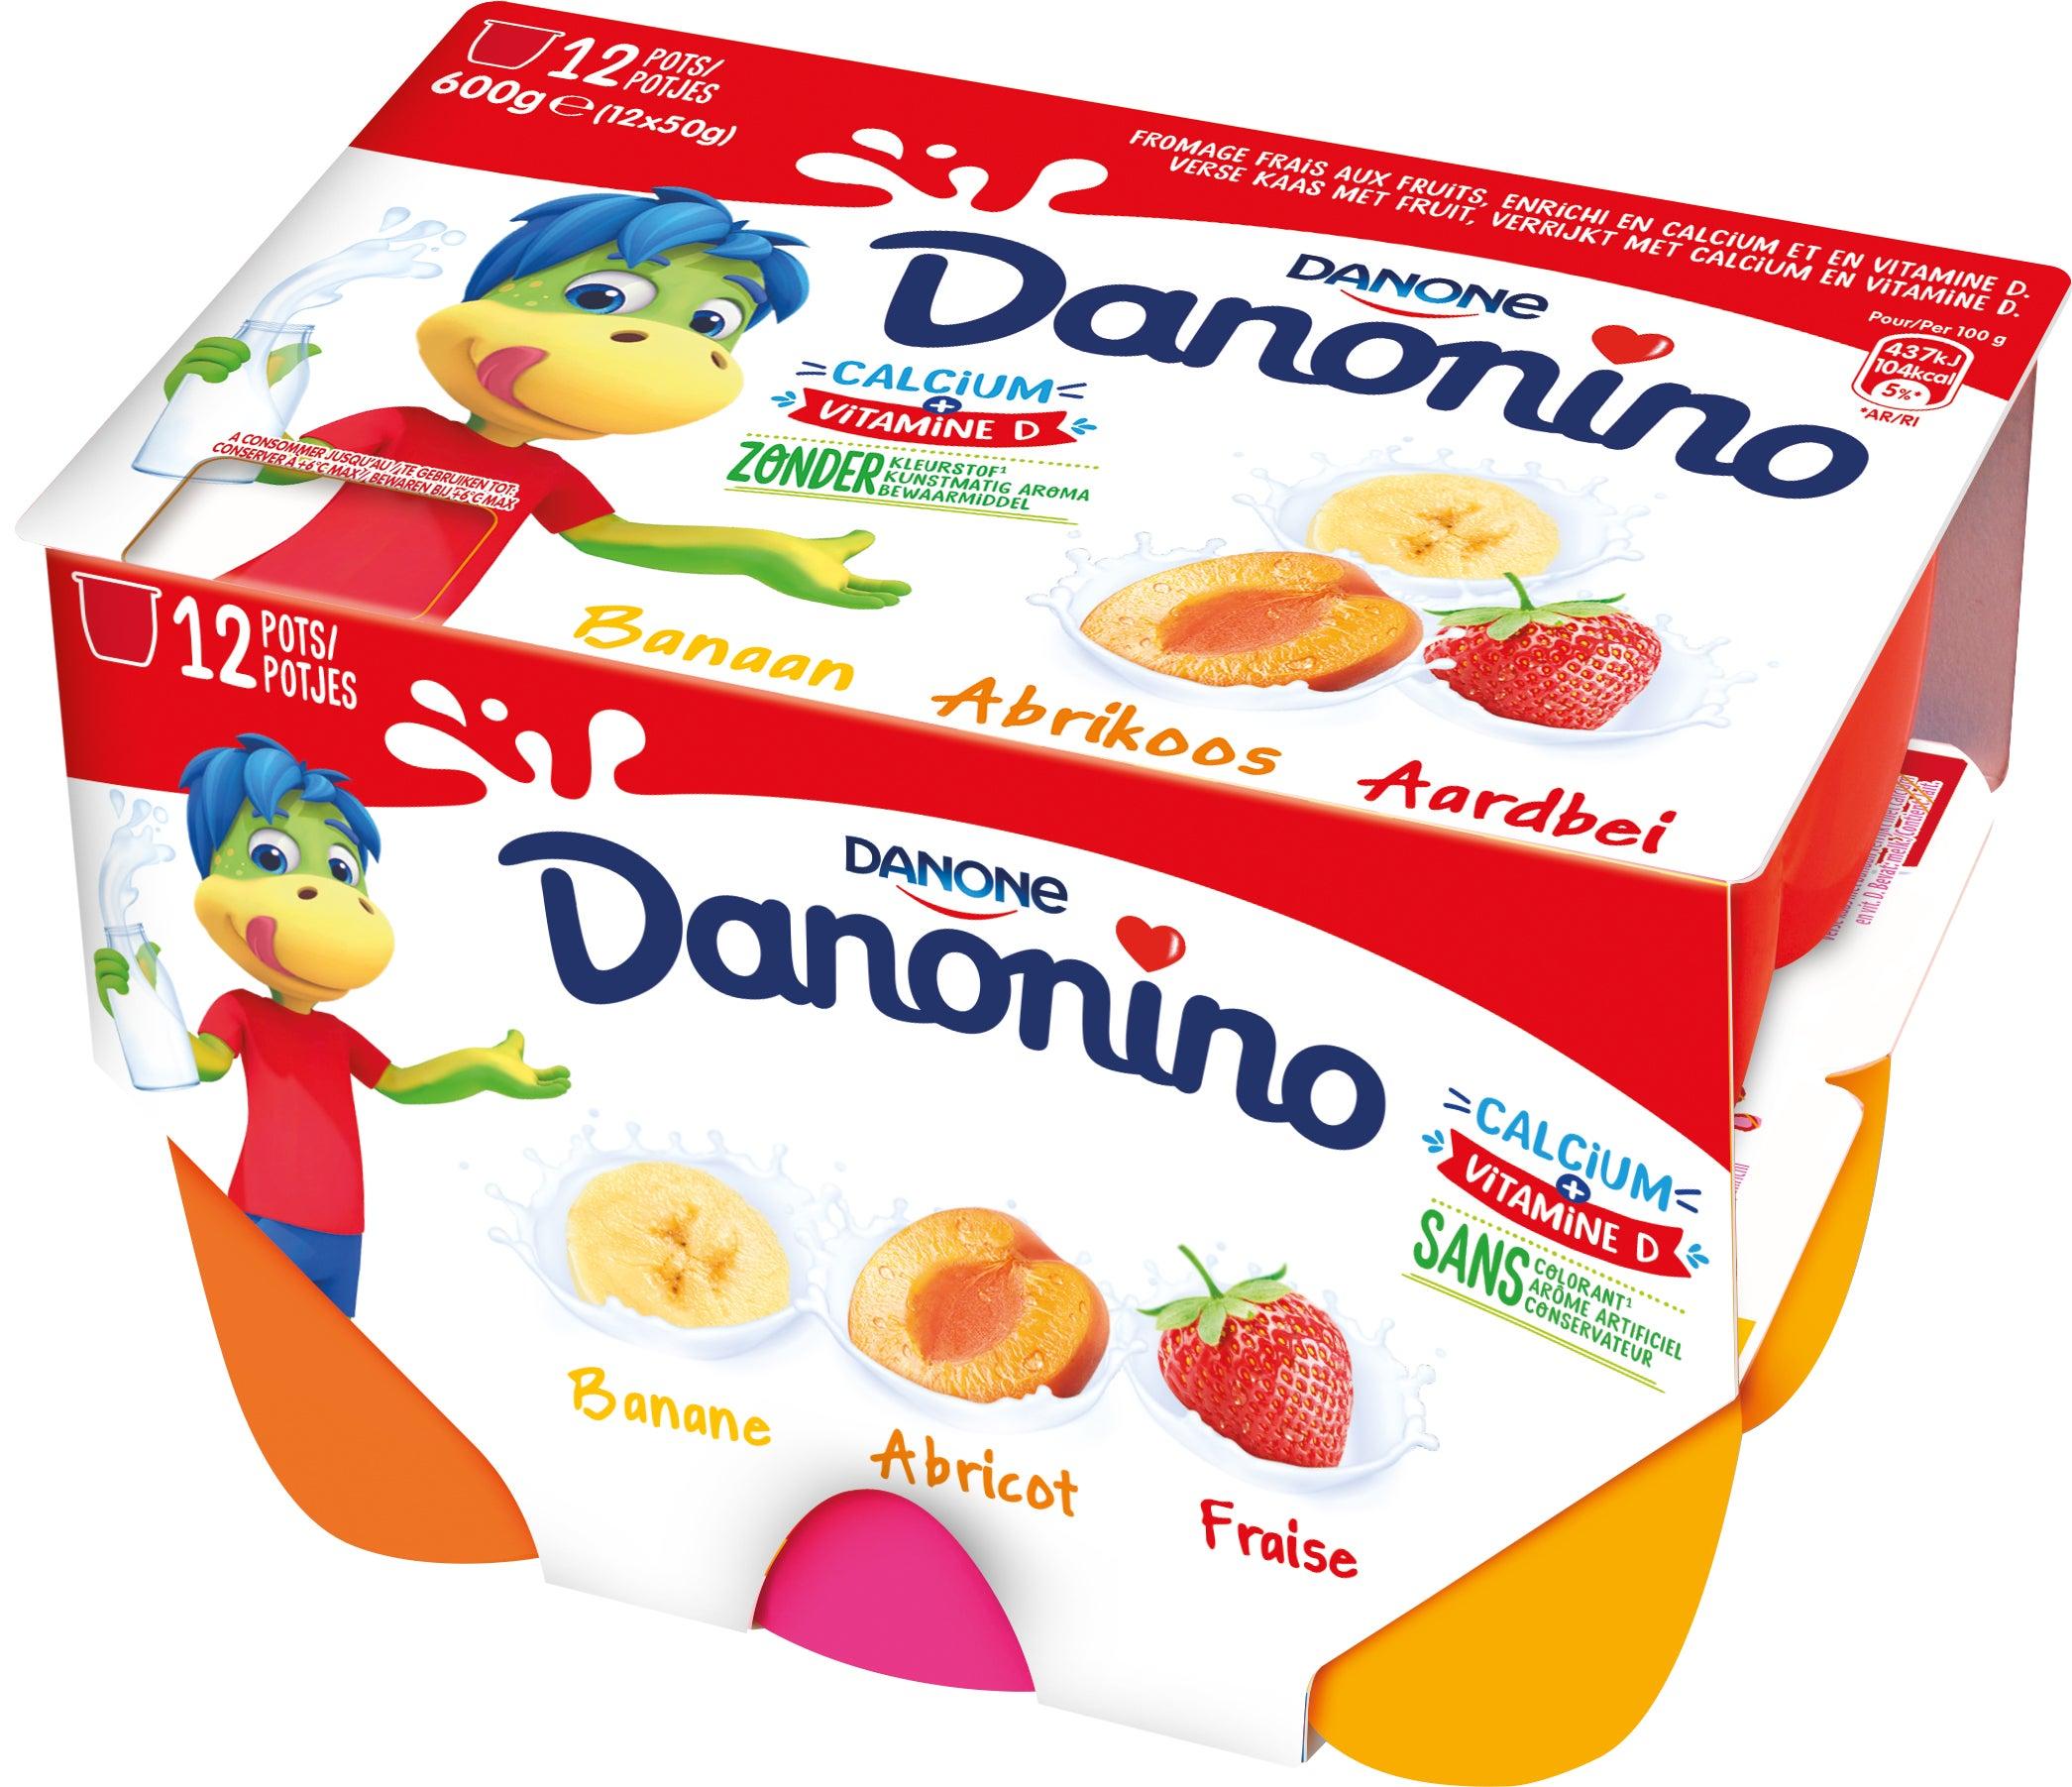 Danonino Panaché